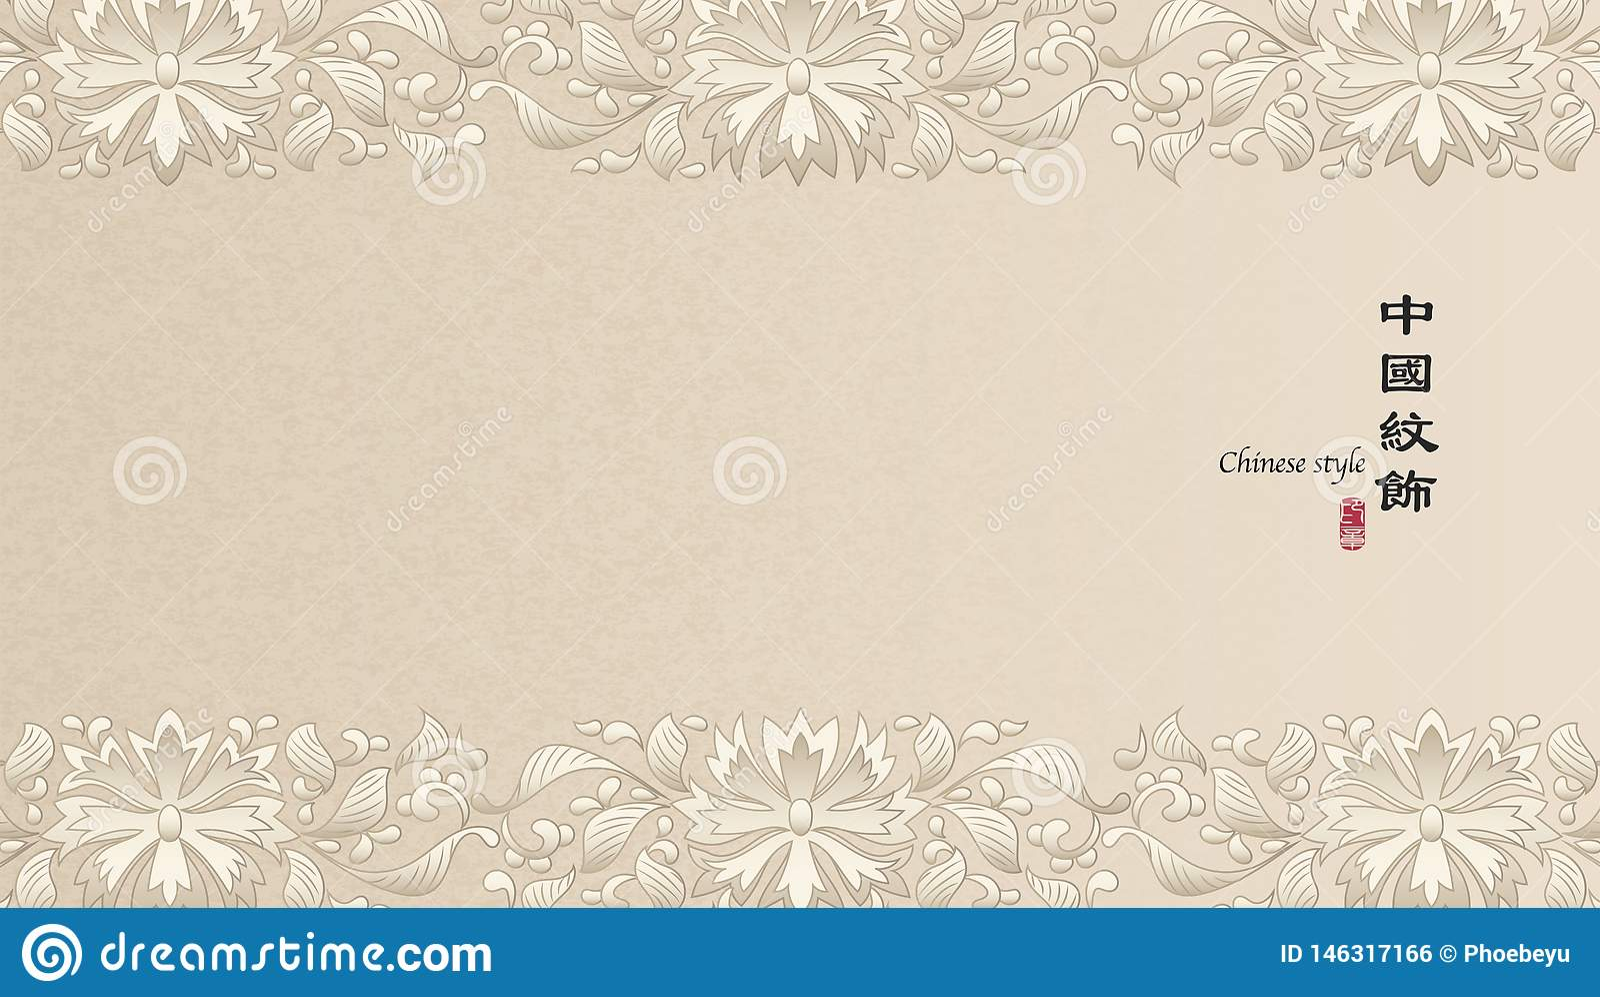 Elegant Retro Chinese Style Background Template Botanic